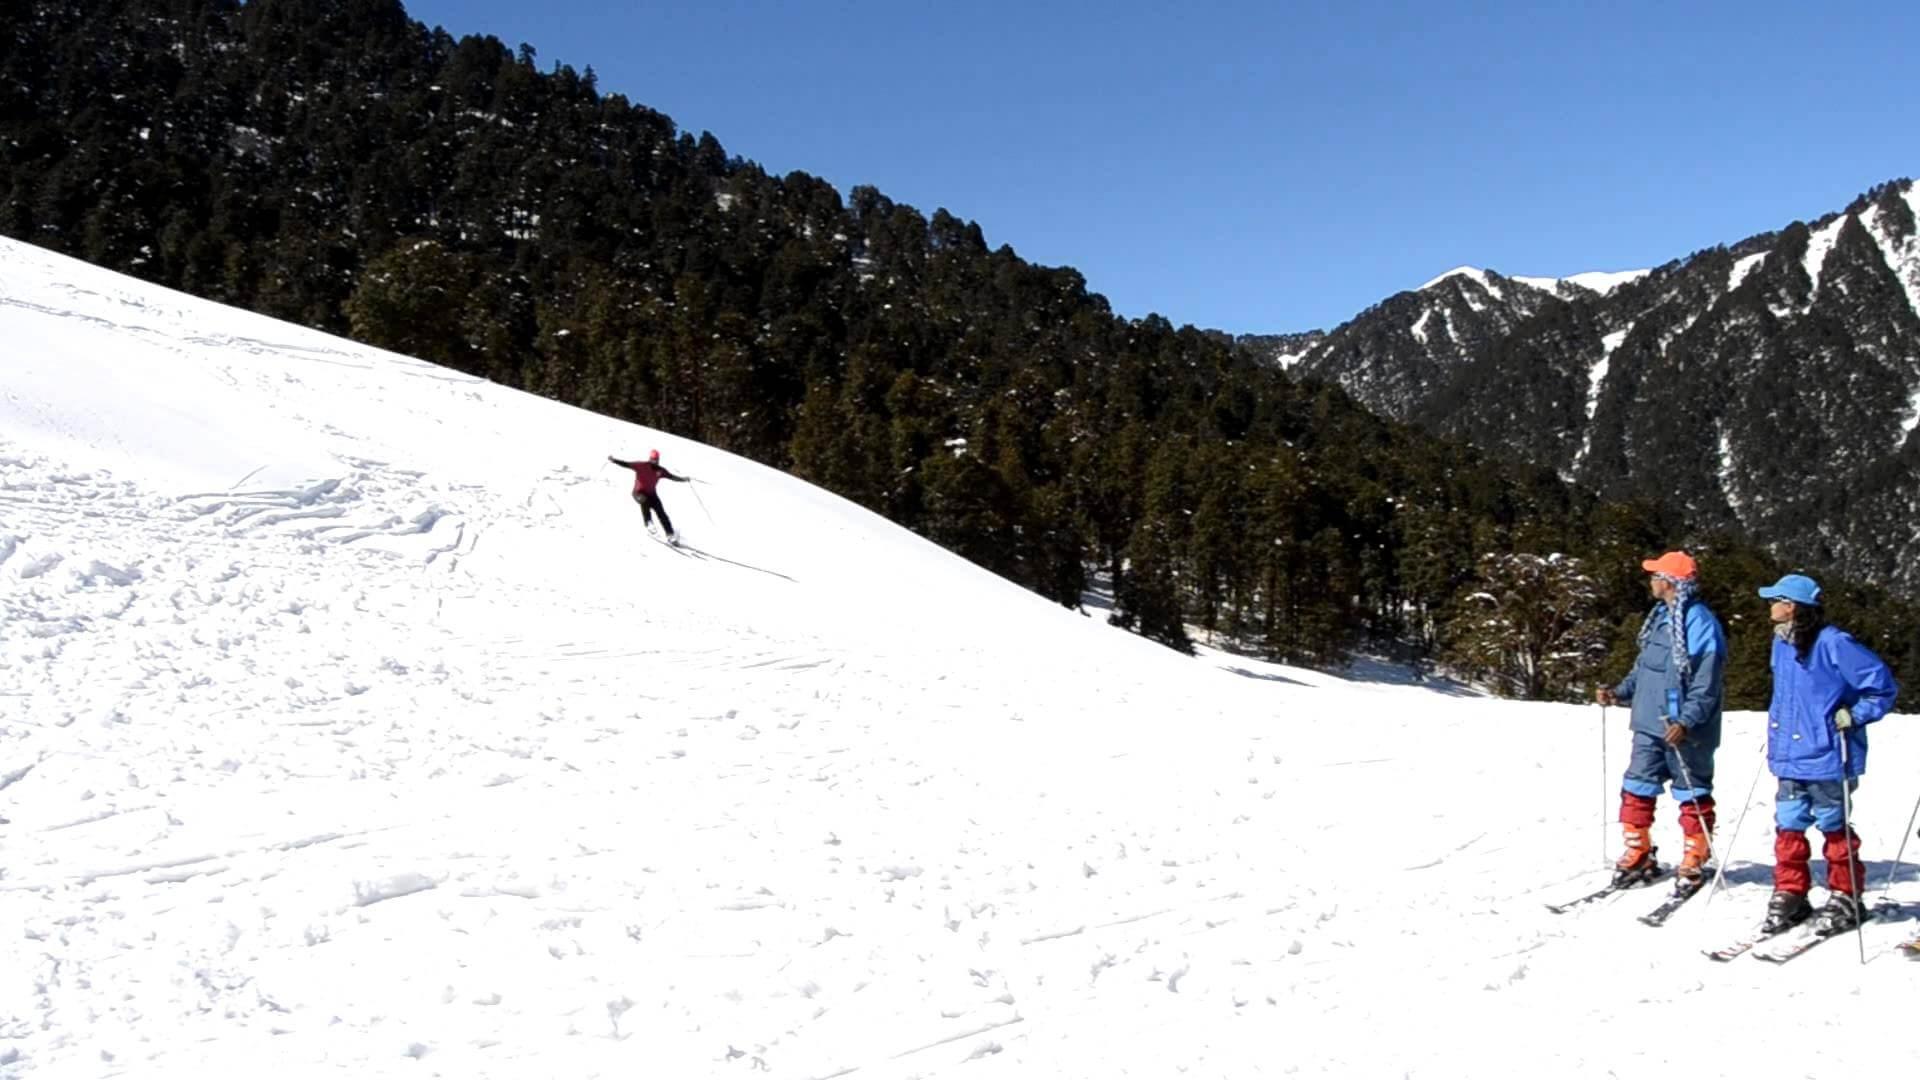 Skiers can be seen enjoying skiing at Dayara Bugyal